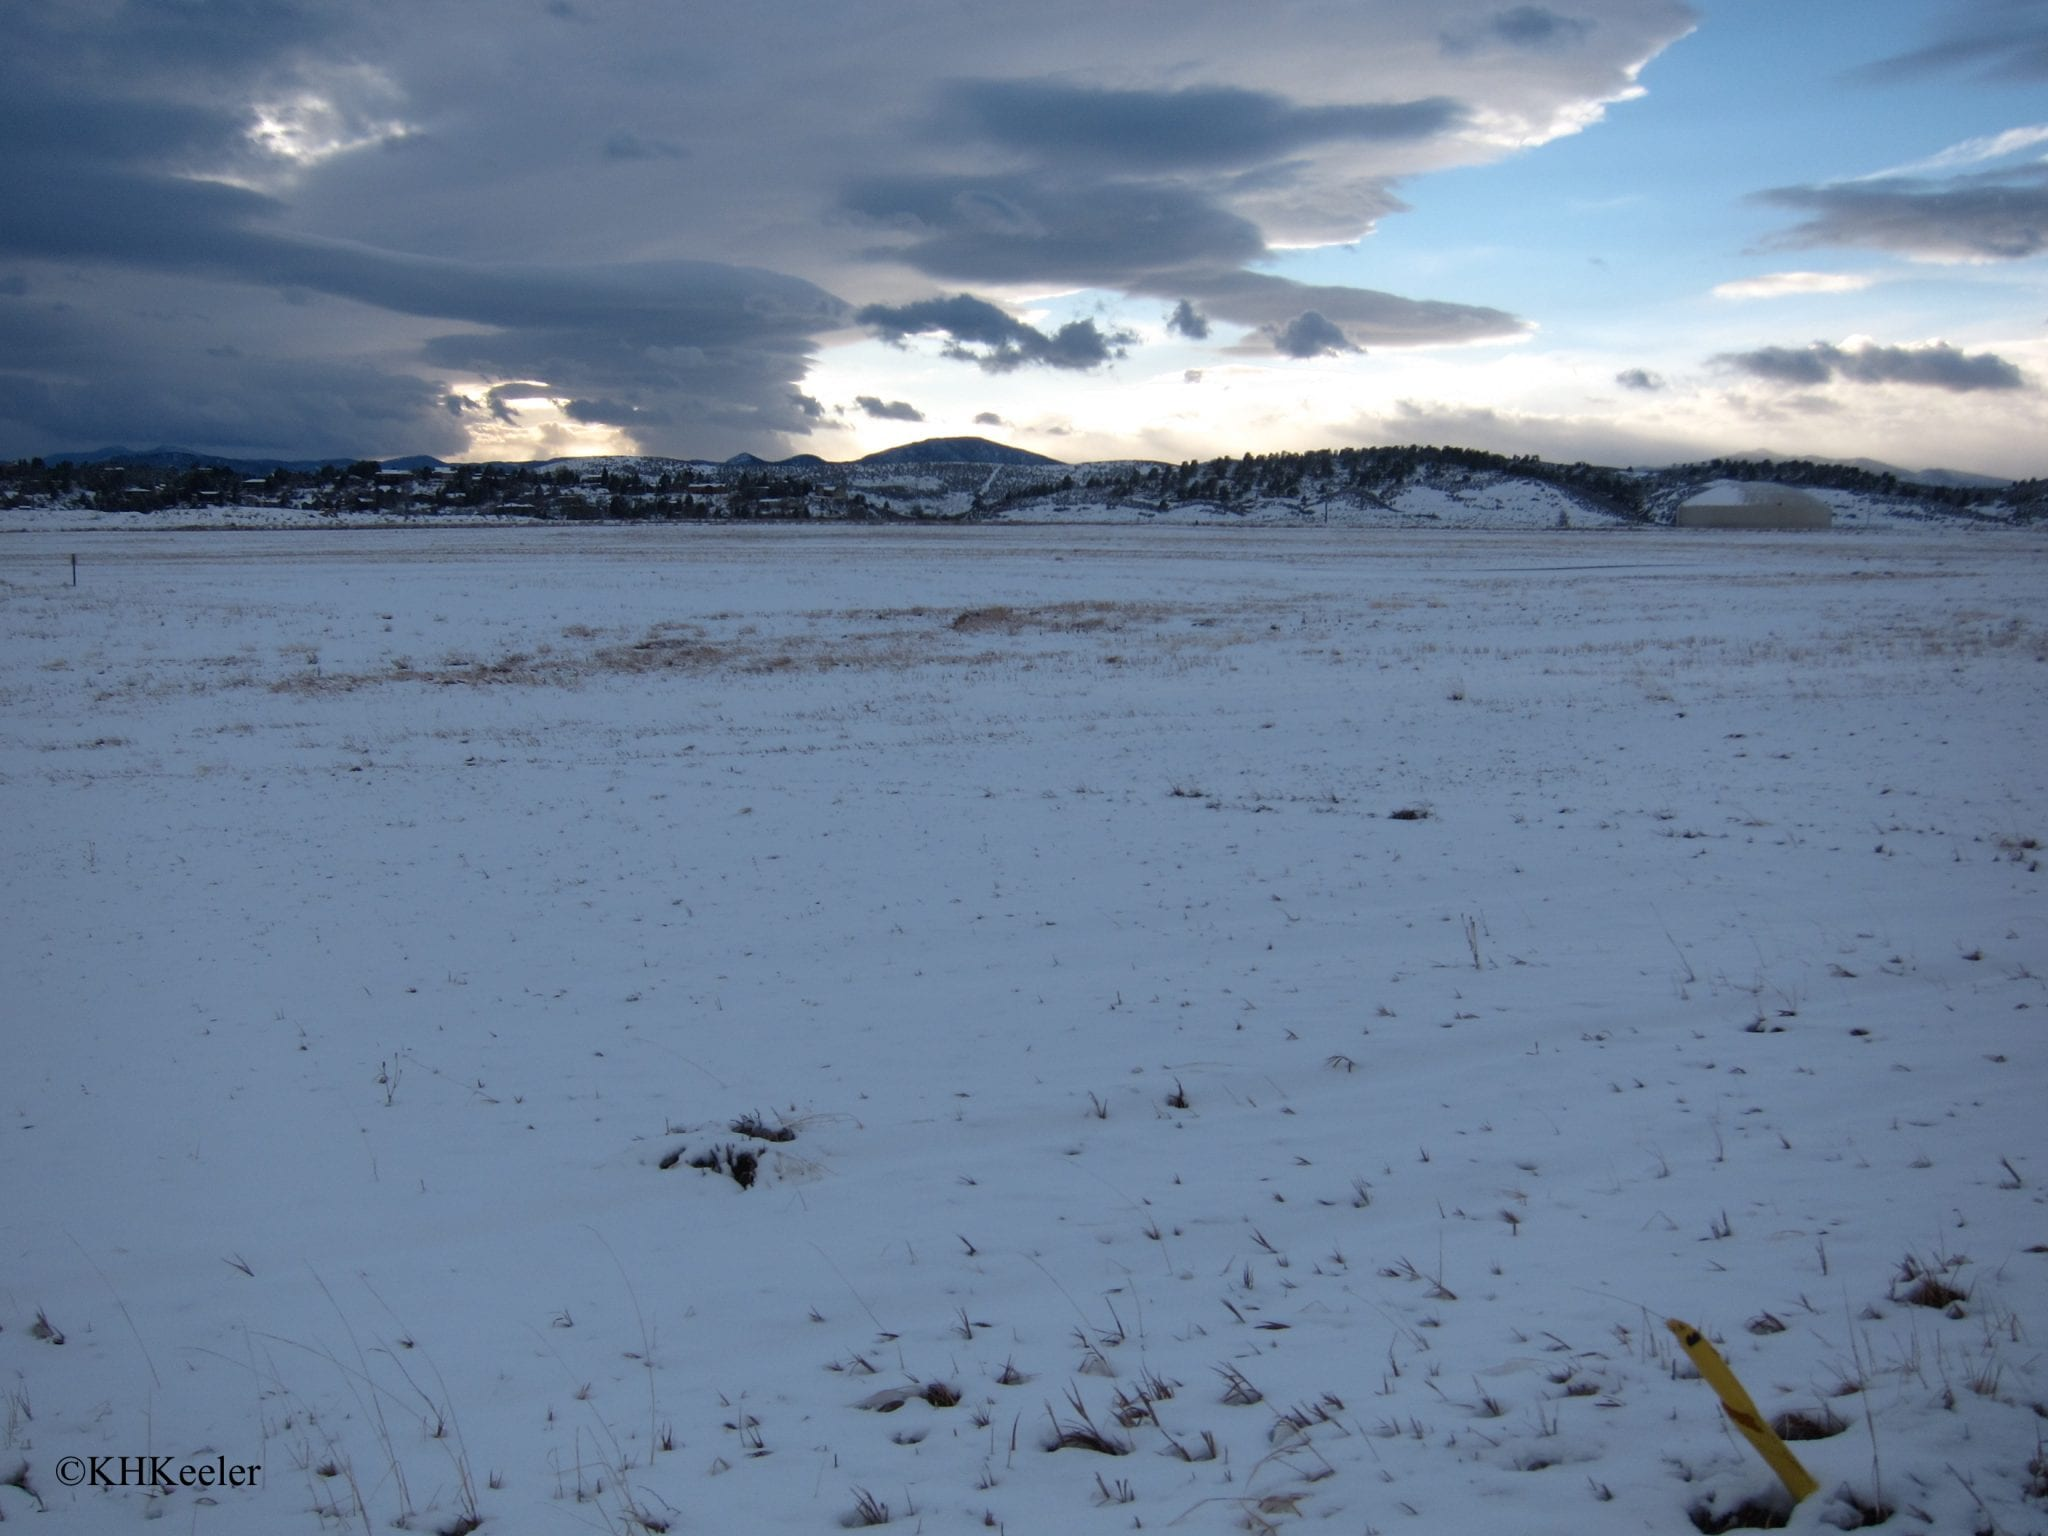 Colorado Front Range in winter